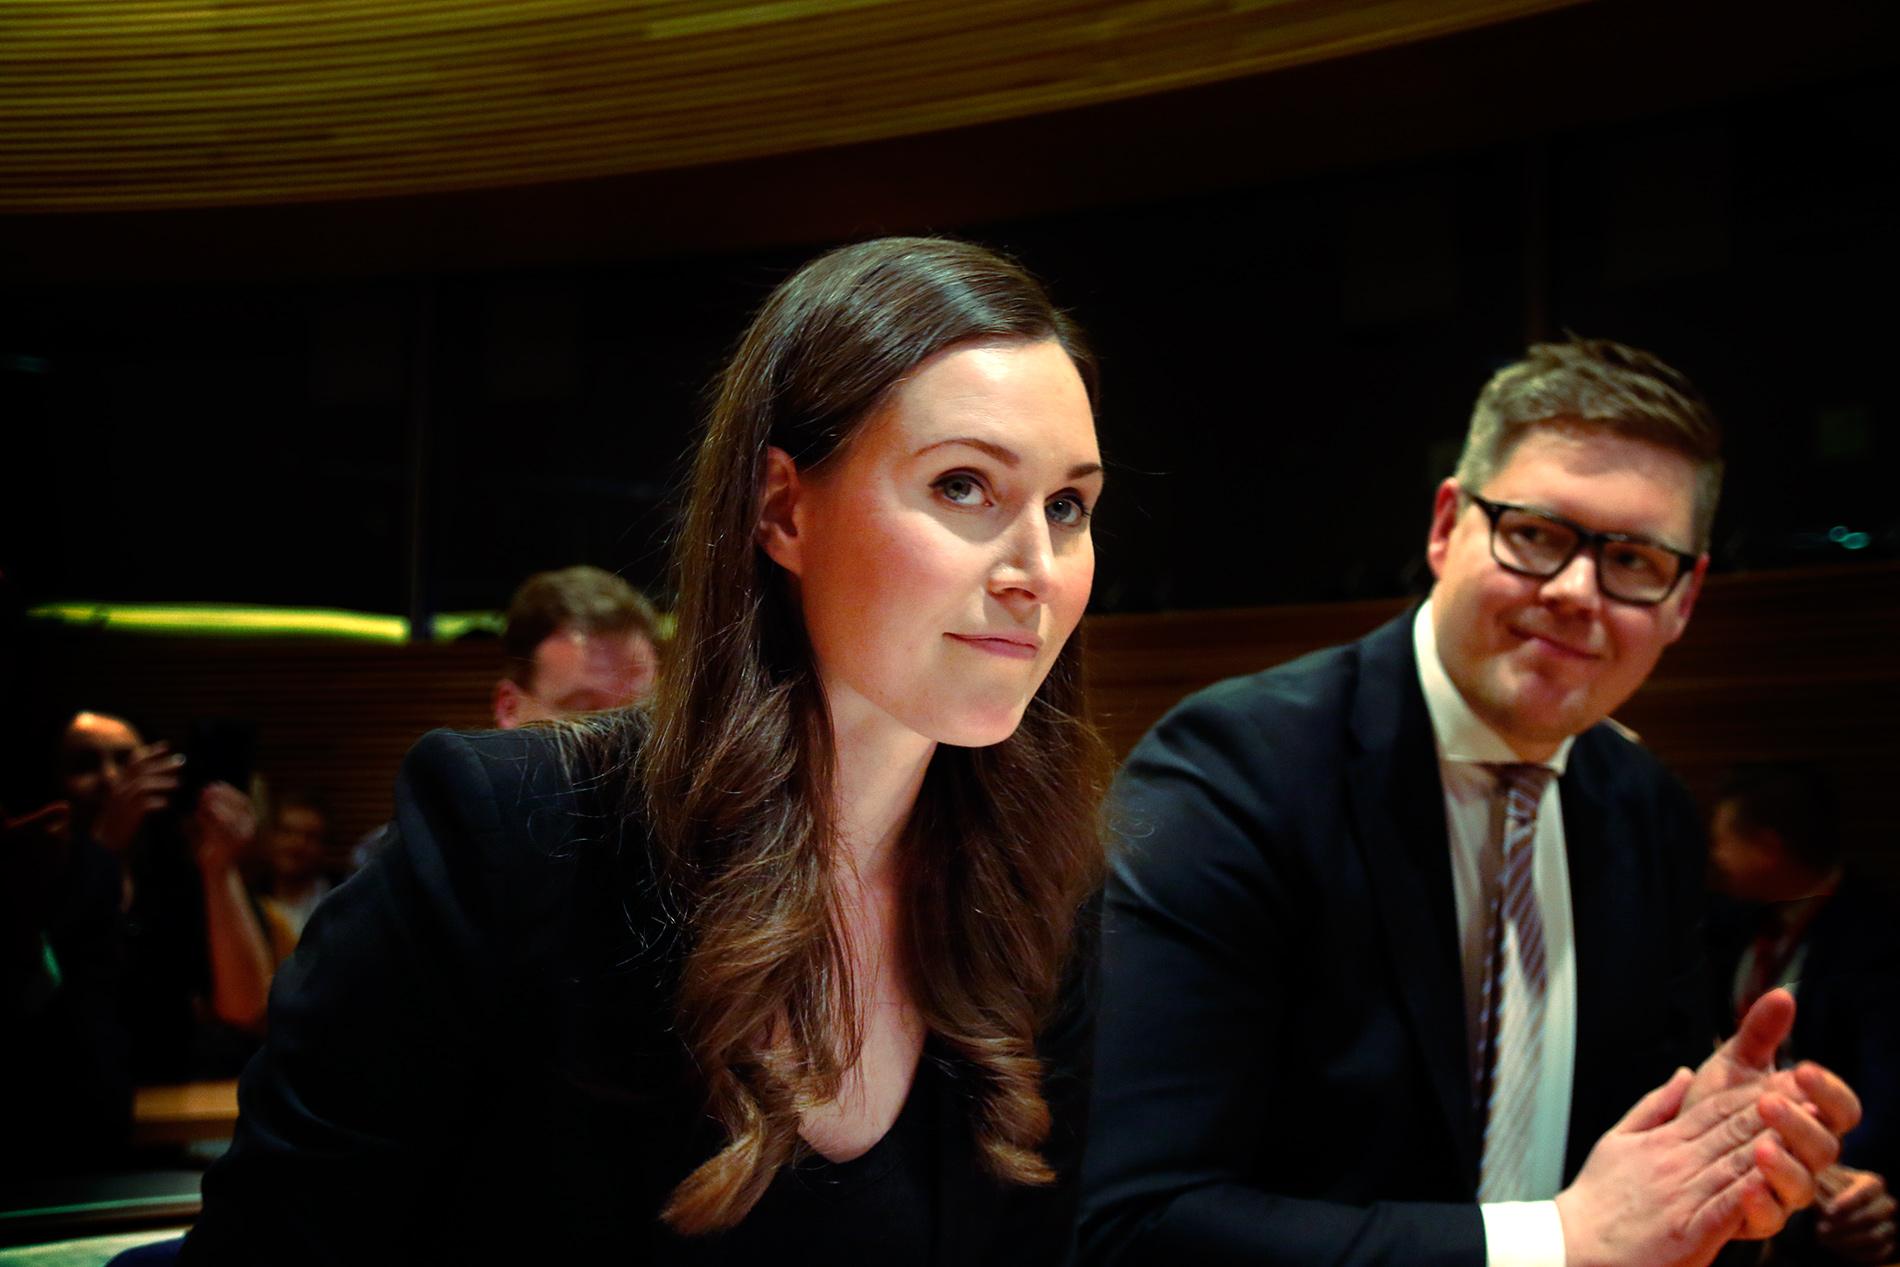 Chiêm ngưỡng vẻ đẹp của nữ Thủ tướng 34 tuổi, trẻ nhất thế giới - 1